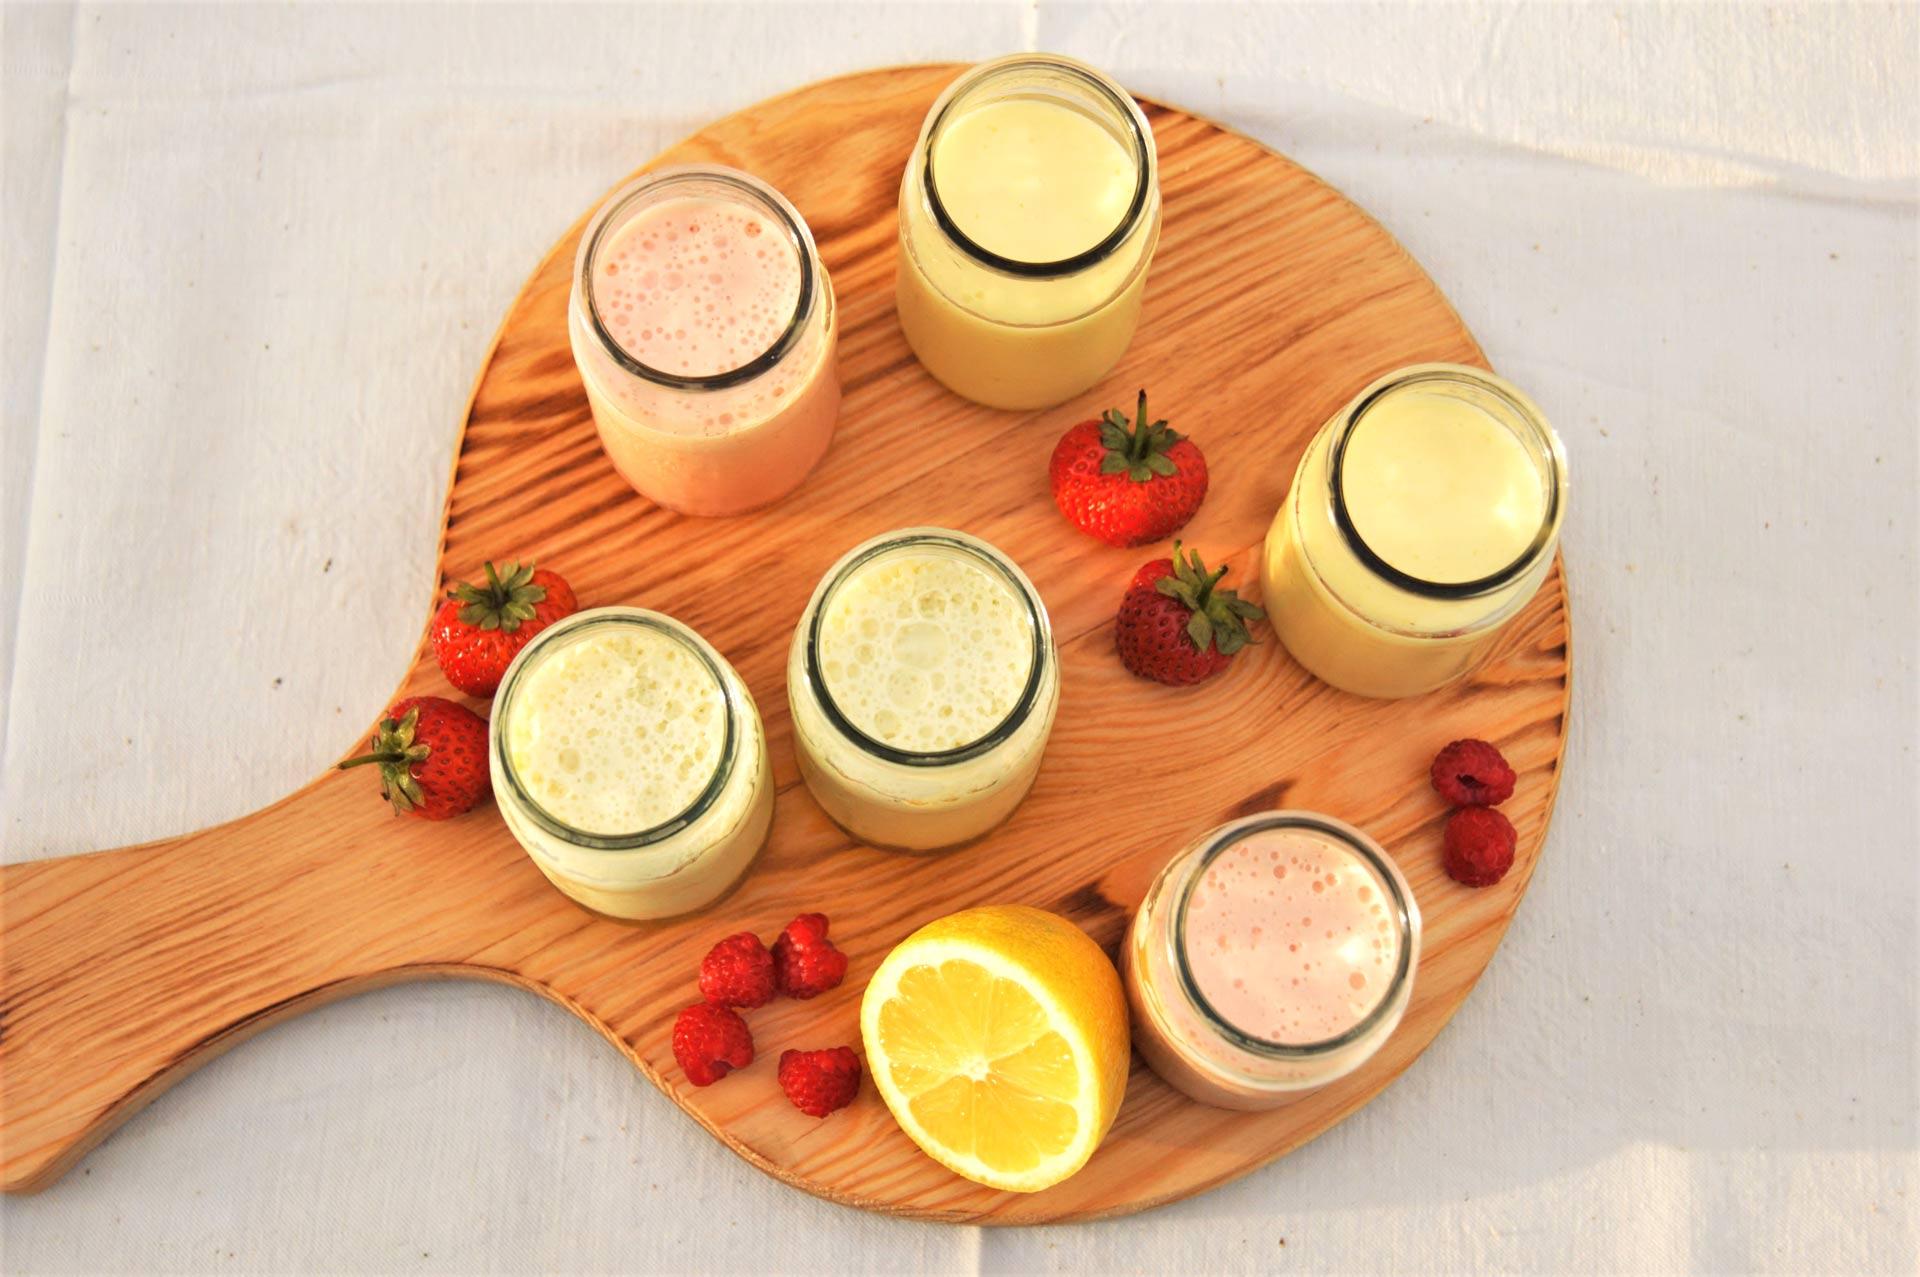 Strawberry, Pineapple Jellogurt